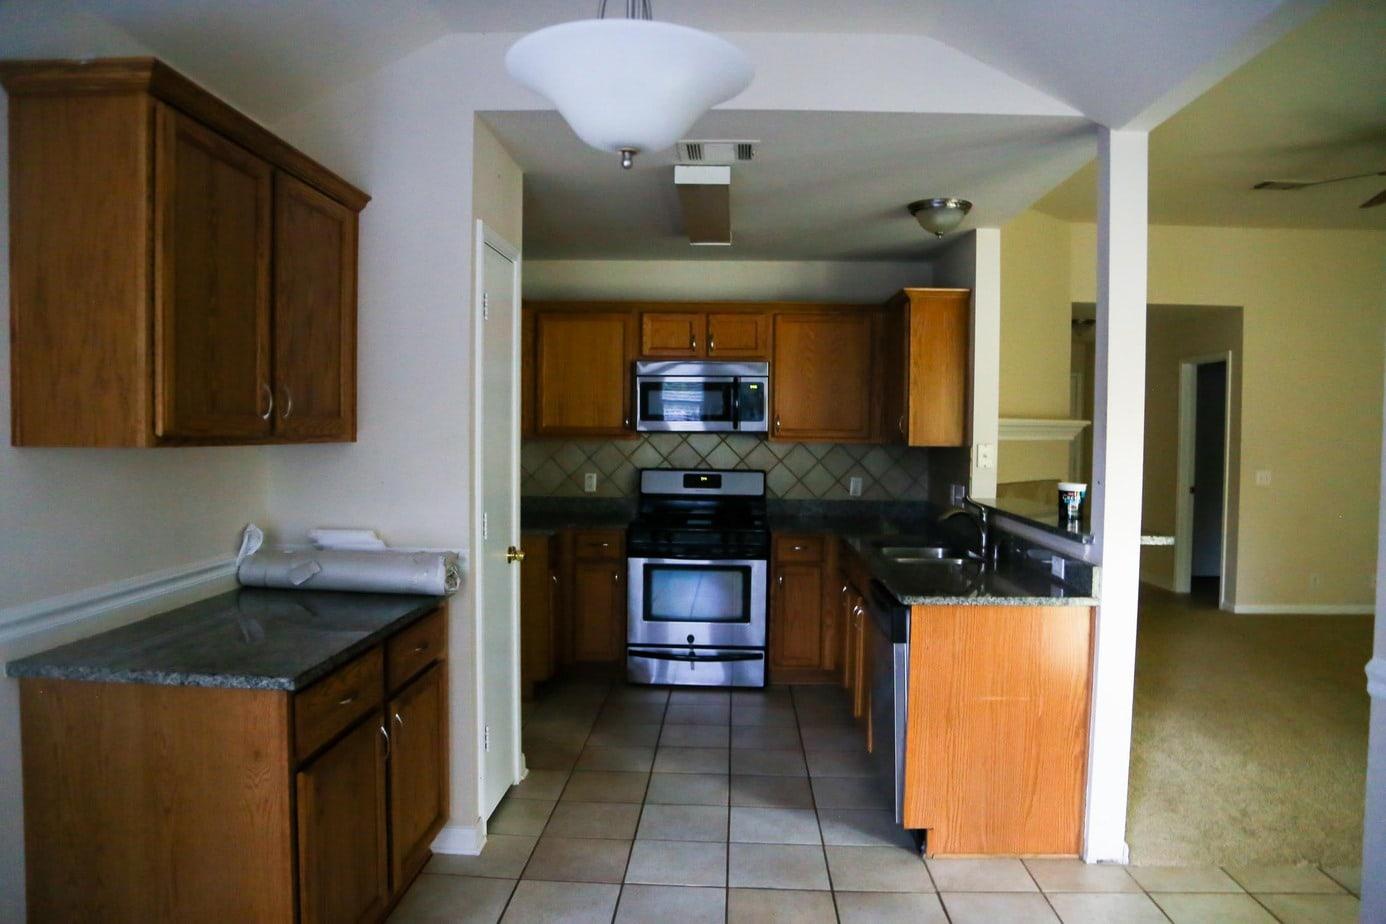 new house tour - kitchen